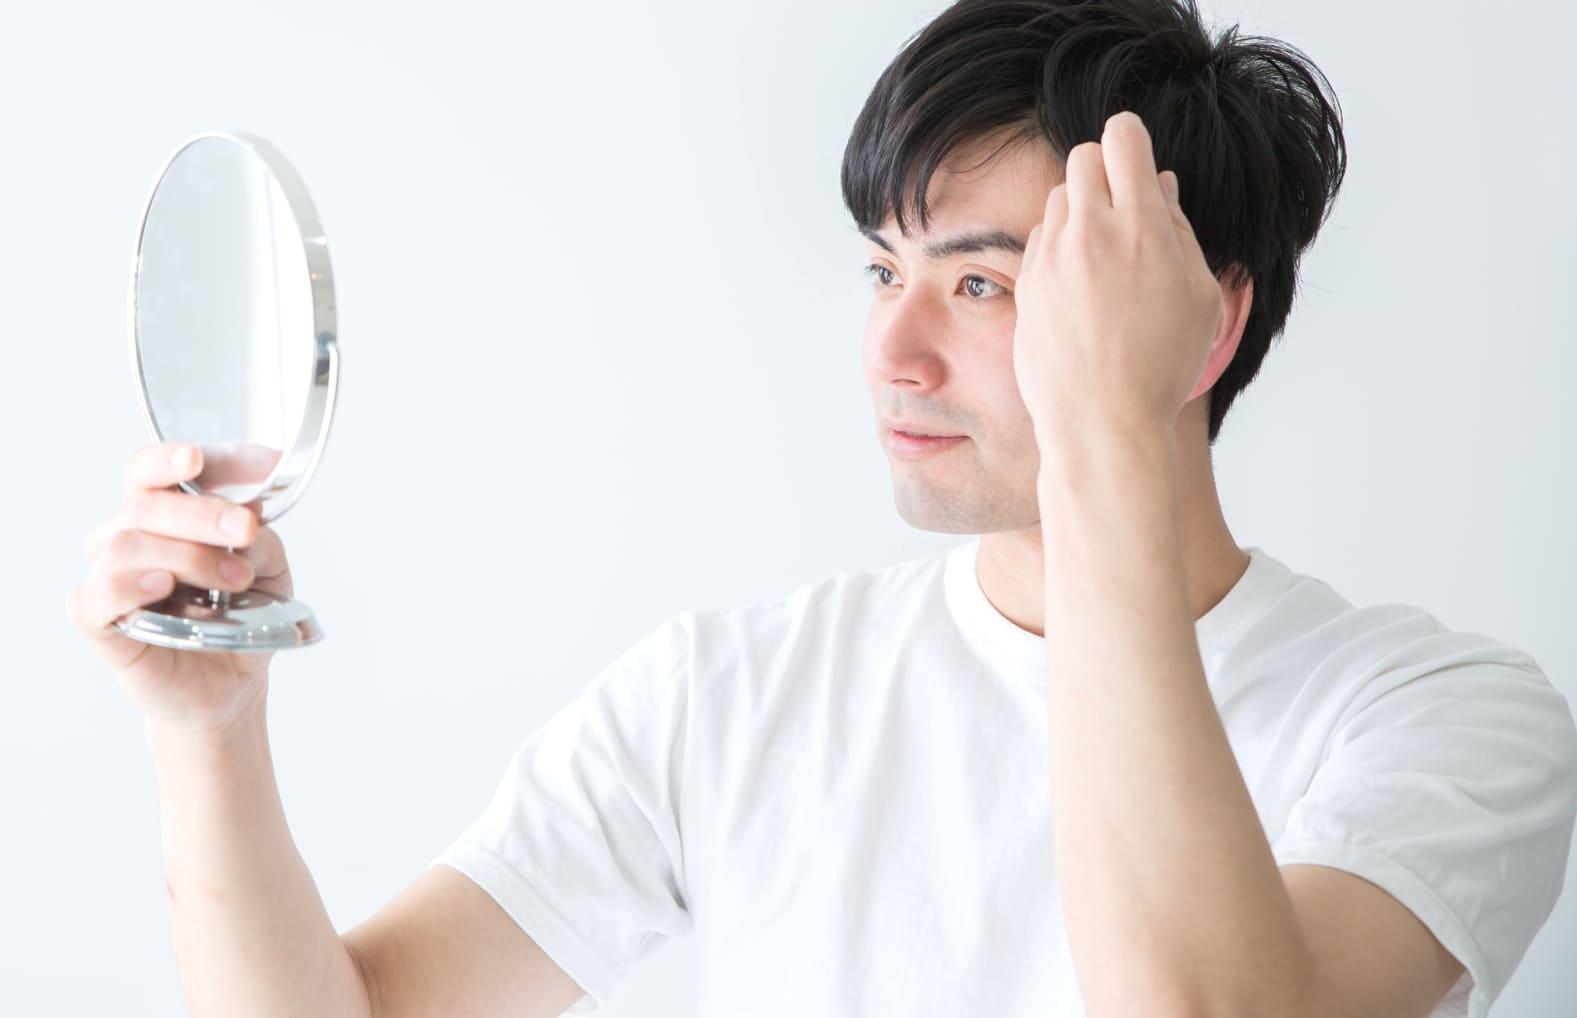 AGA(男性型脱毛症)の原因とは…?【AGA基礎知識】